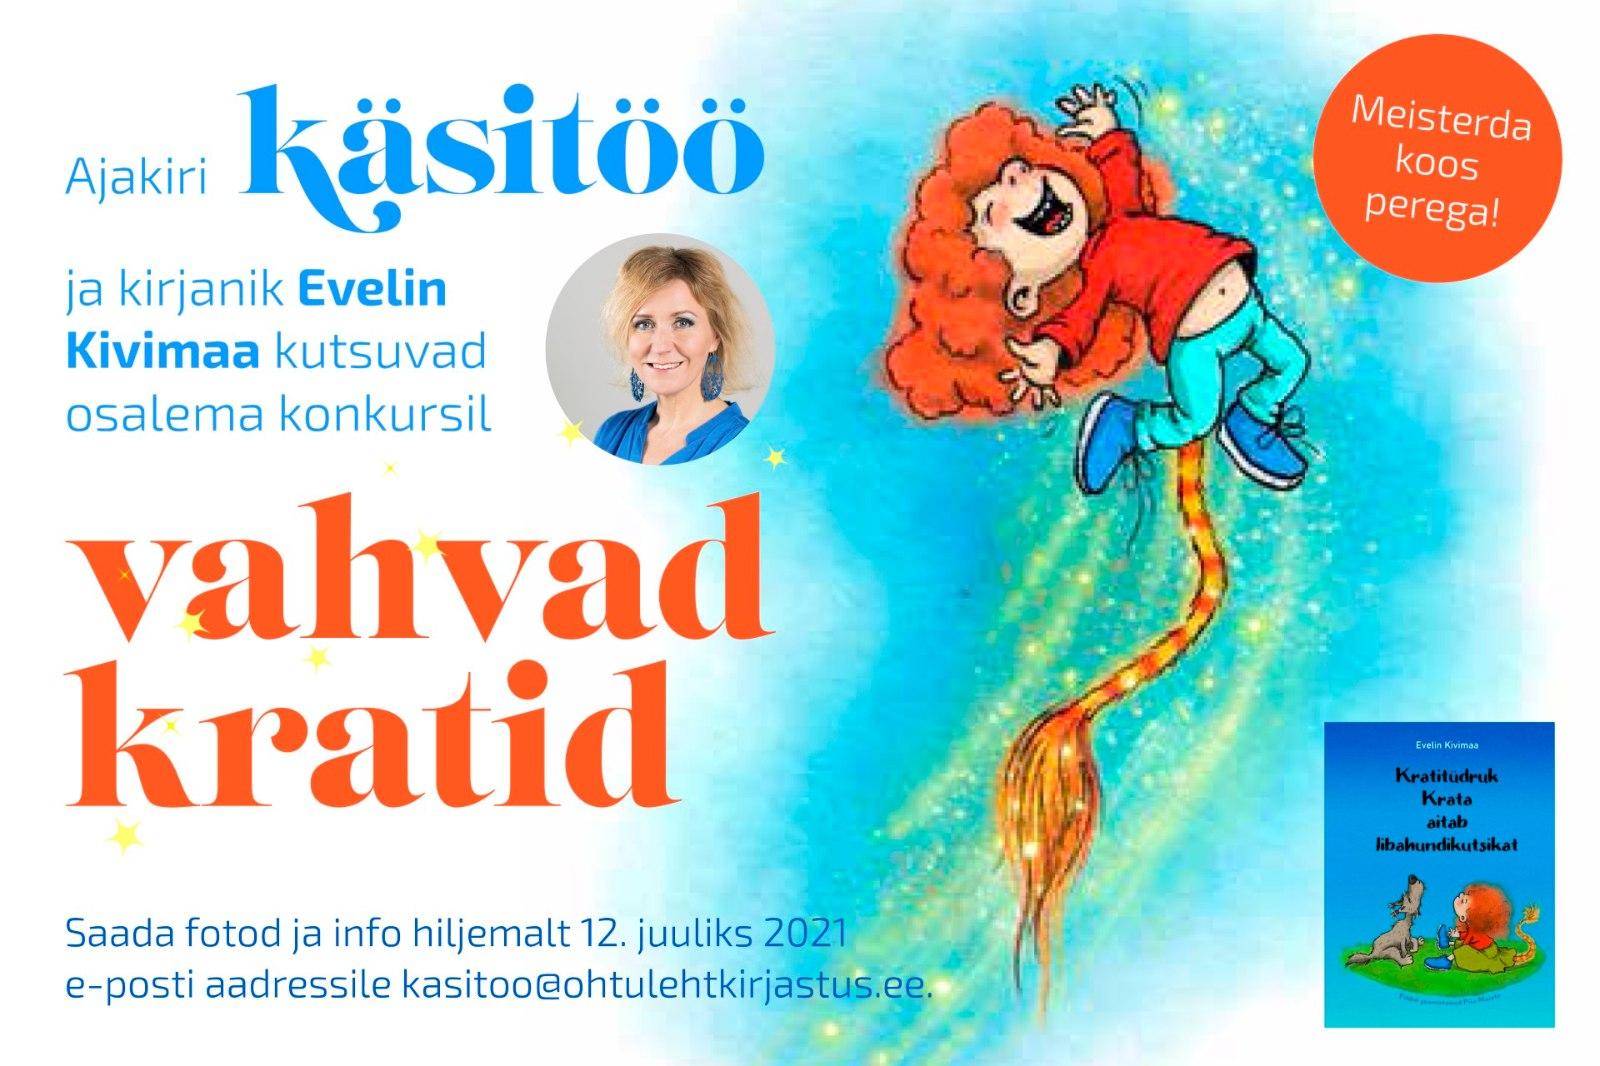 """gallery-image-Ajakiri Käsitöö ja kirjanik Evelin Kivimaa kutsuvad osalema konkursil """"Vahvad kratid"""""""